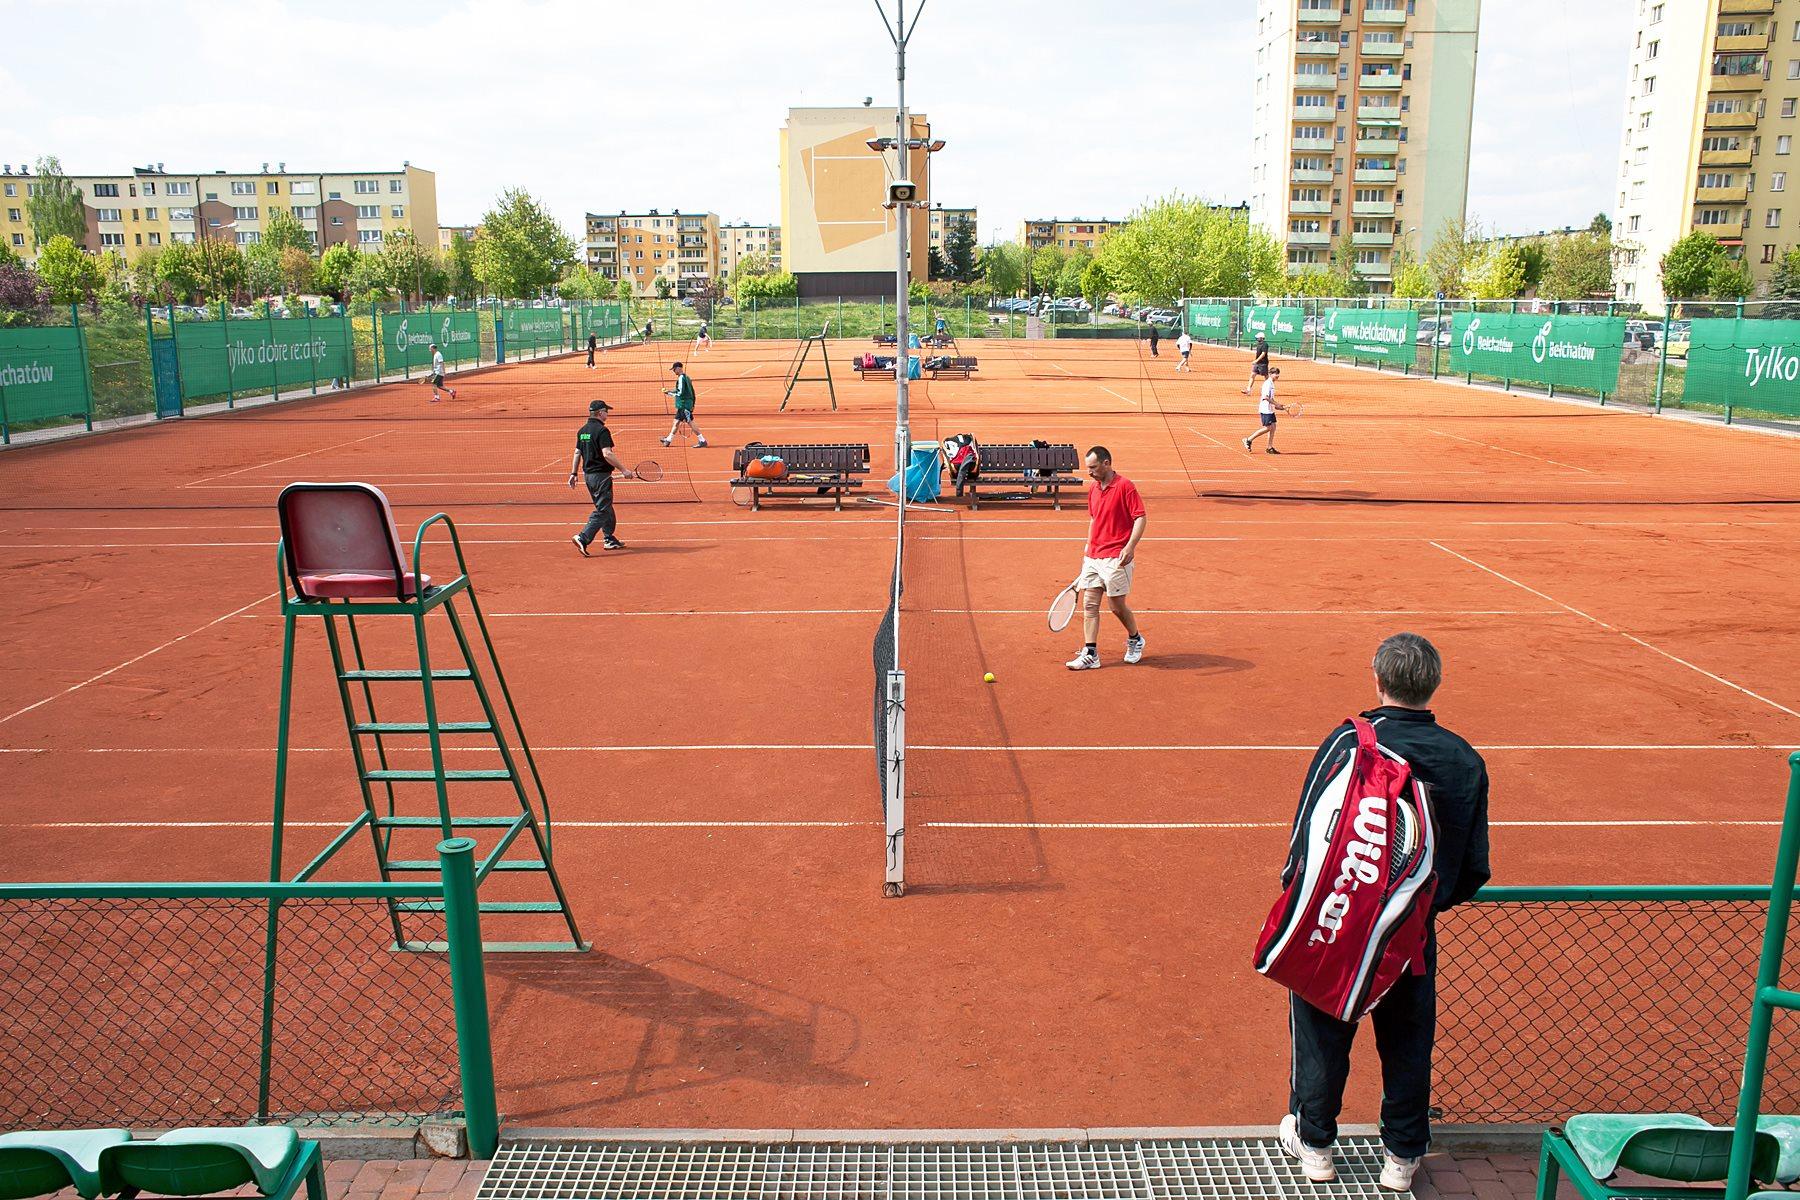 Zawodnik tenisa czekający na wejście na kort